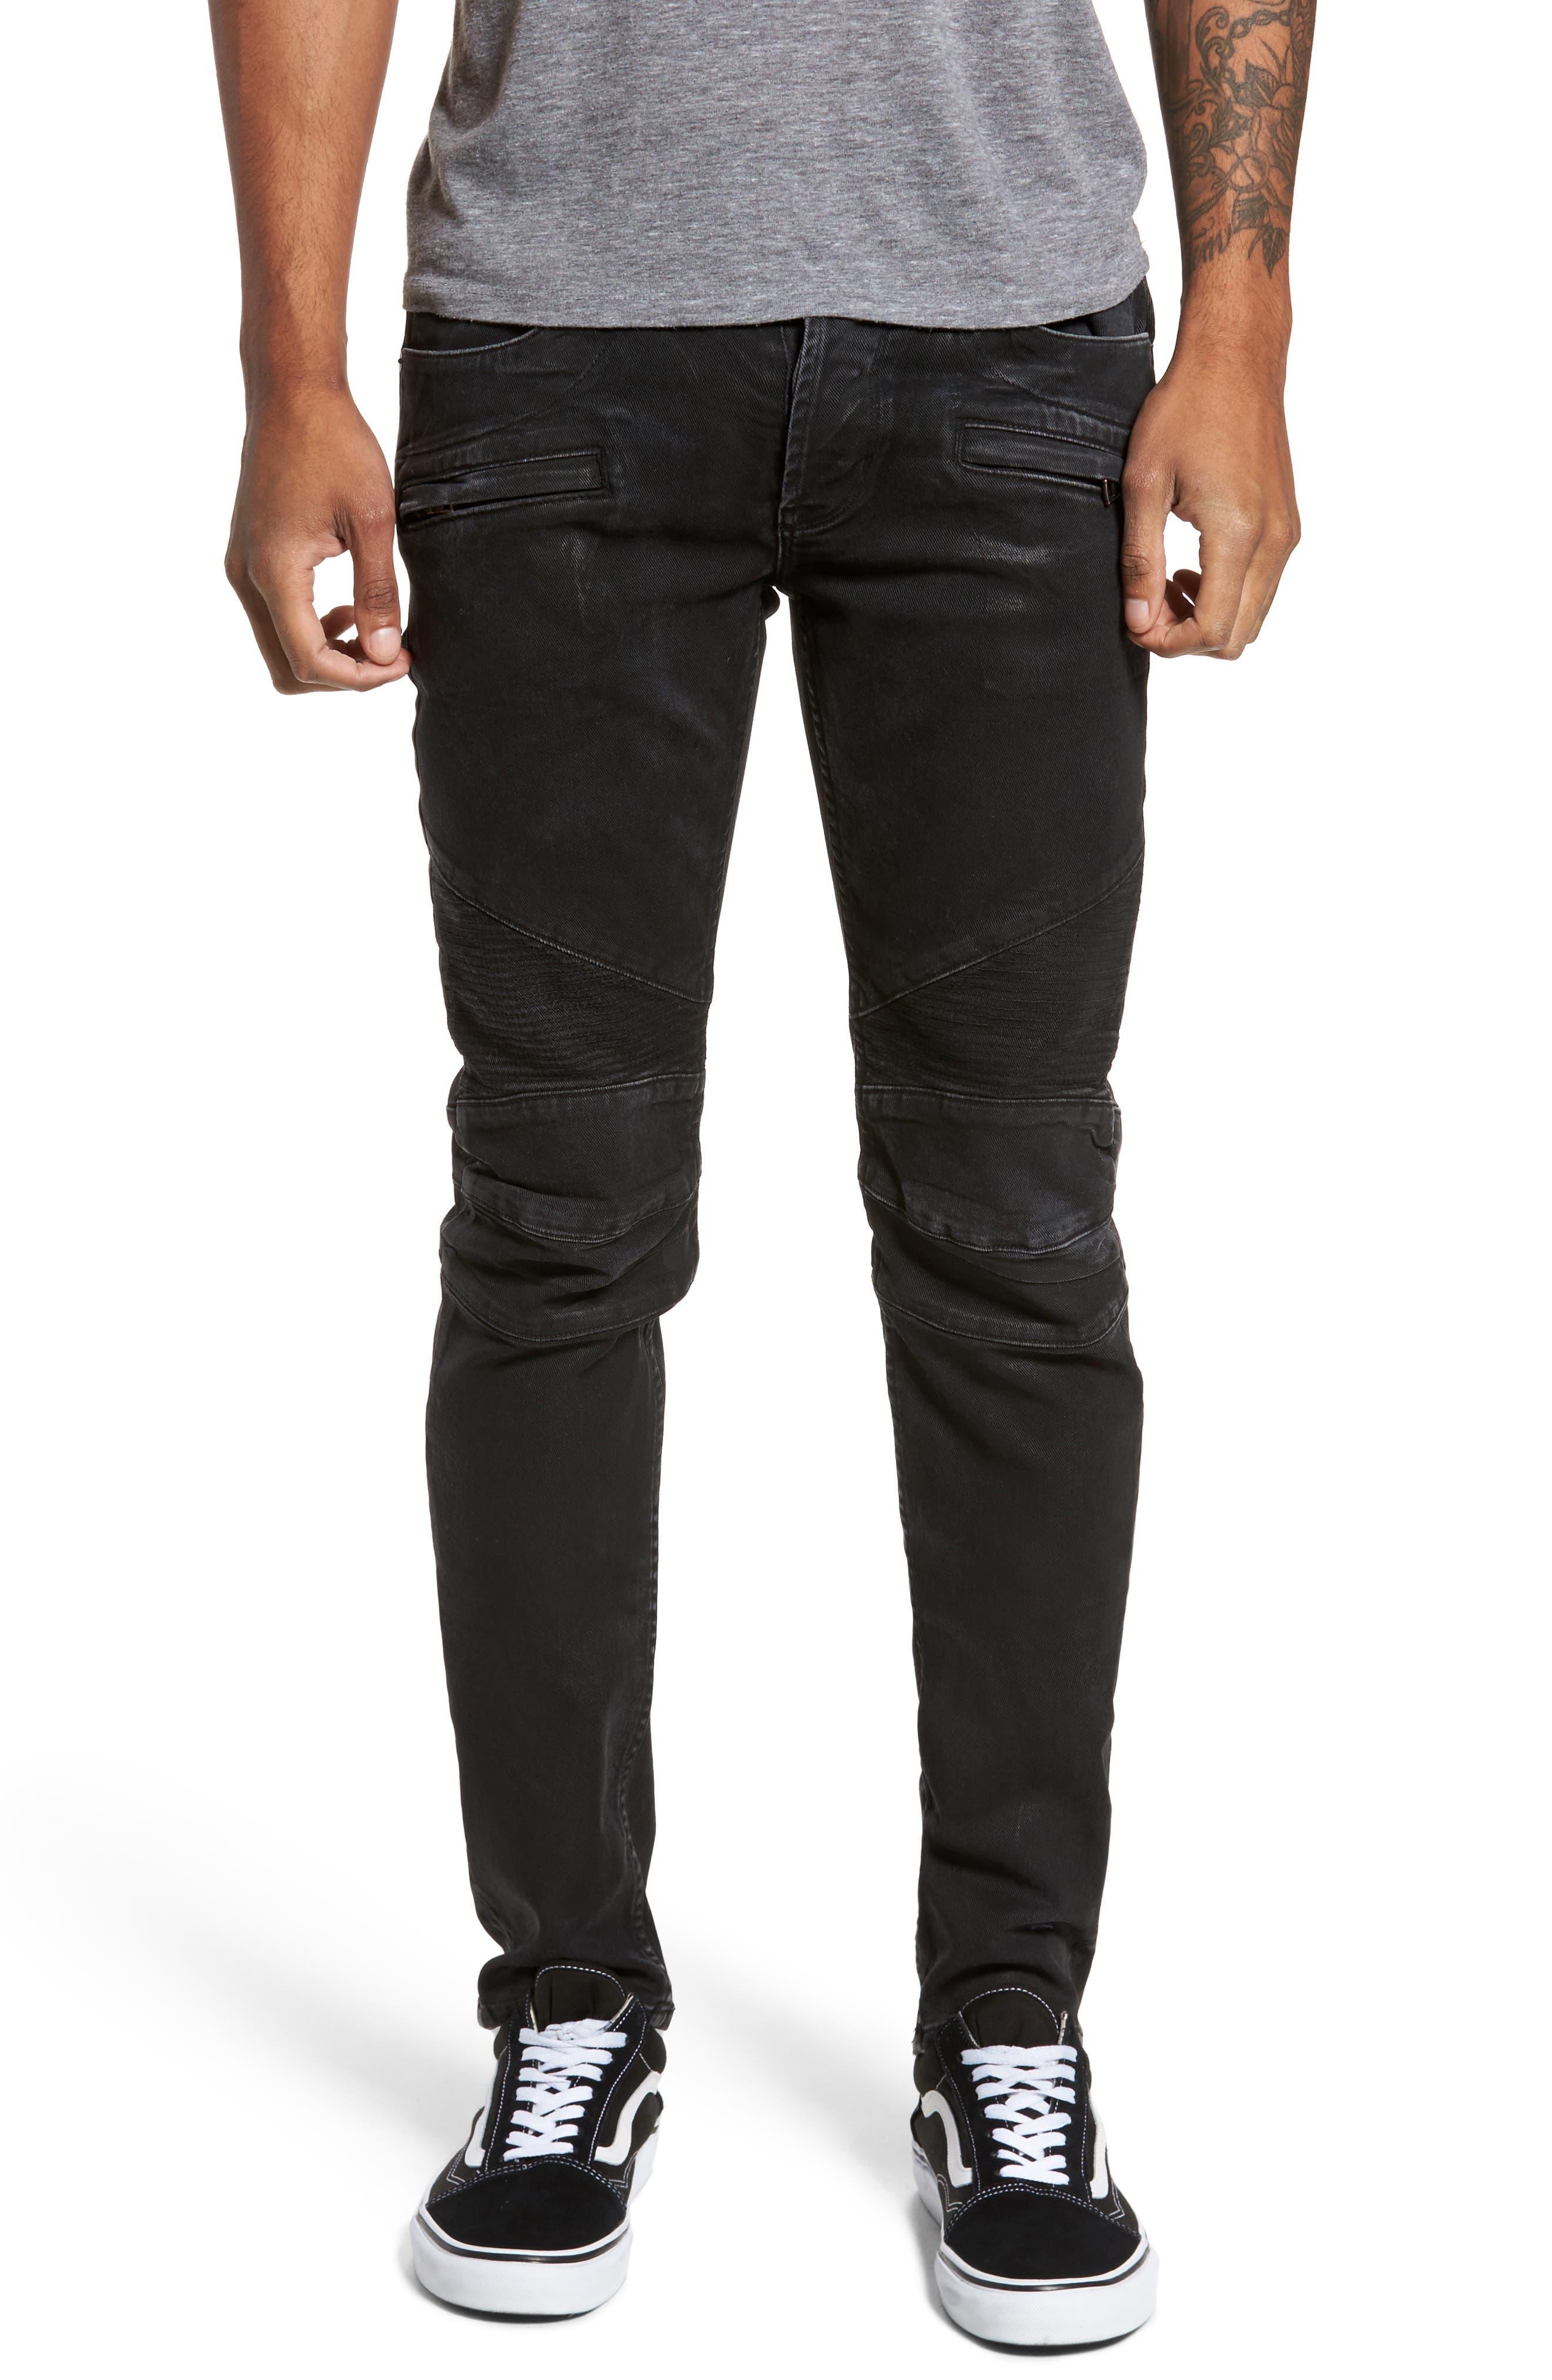 Main Image - Hudson Jeans Blinder Biker Skinny Fit Jeans (Skeme)